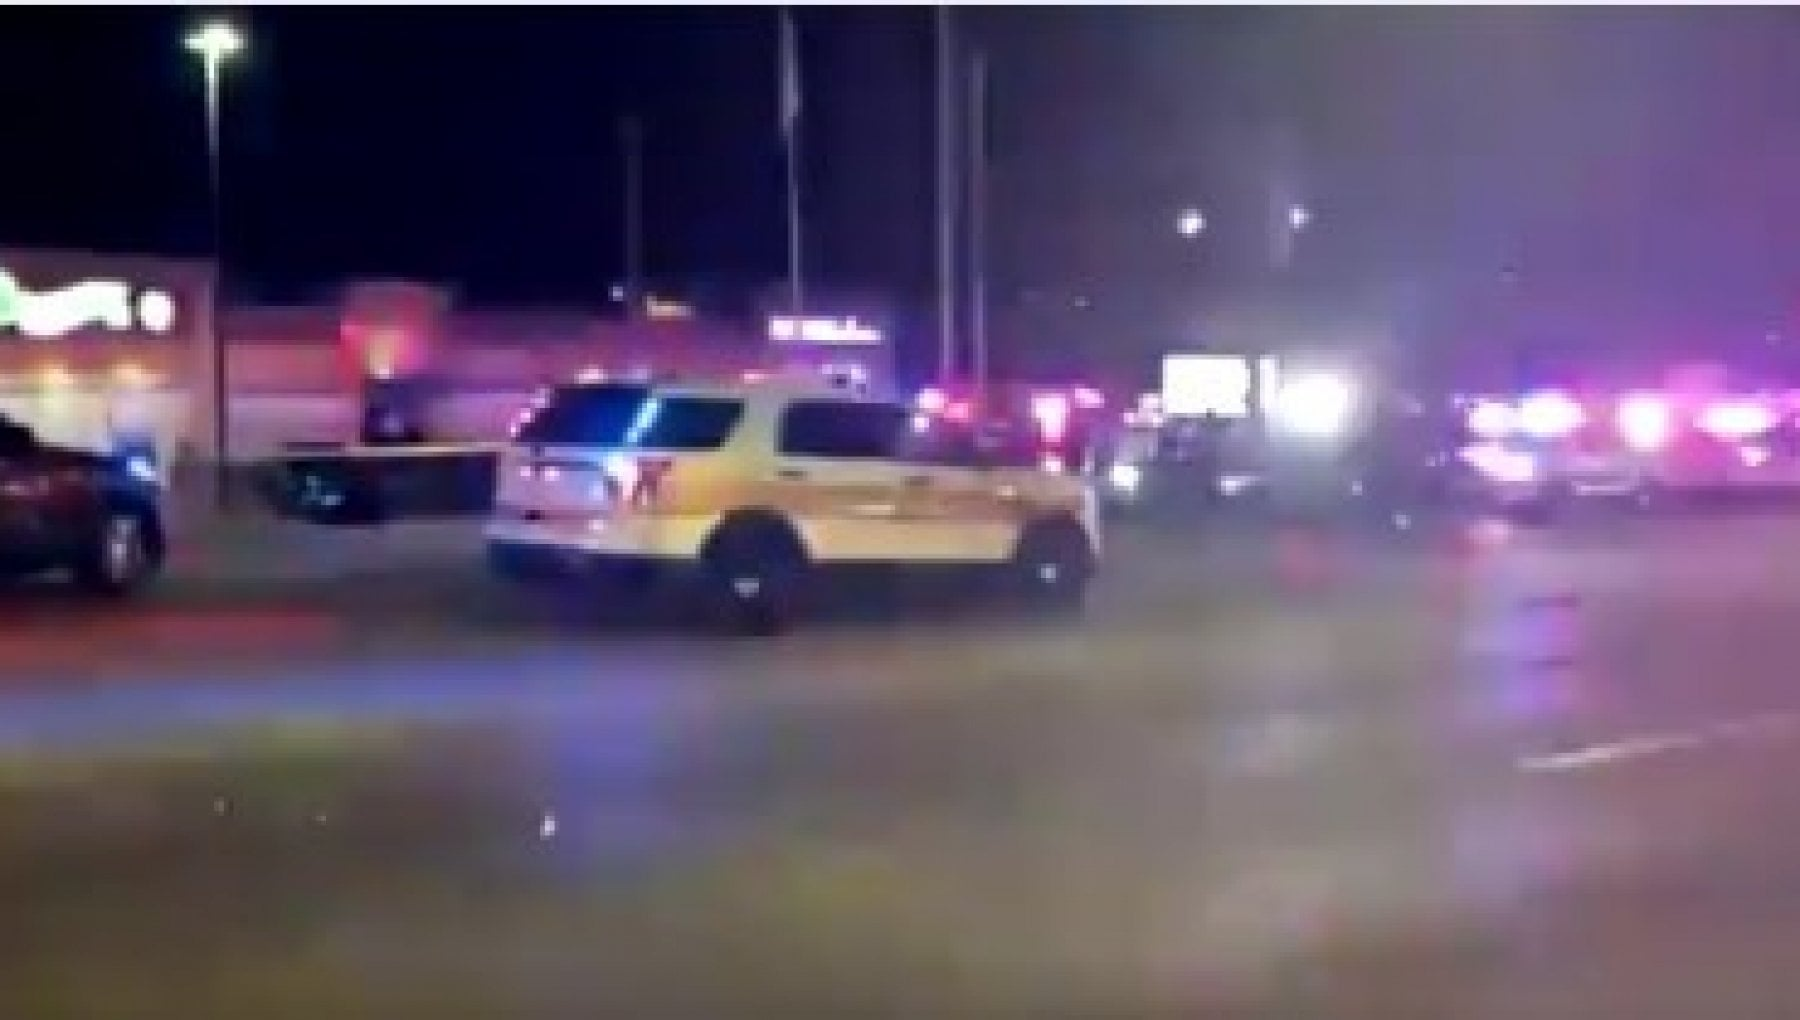 073626549 0e34aa16 a360 458a ab9c 0559304406a4 - Usa: sparatoria in un bowling in Illinois, almeno 3 vittime, fermato un uomo